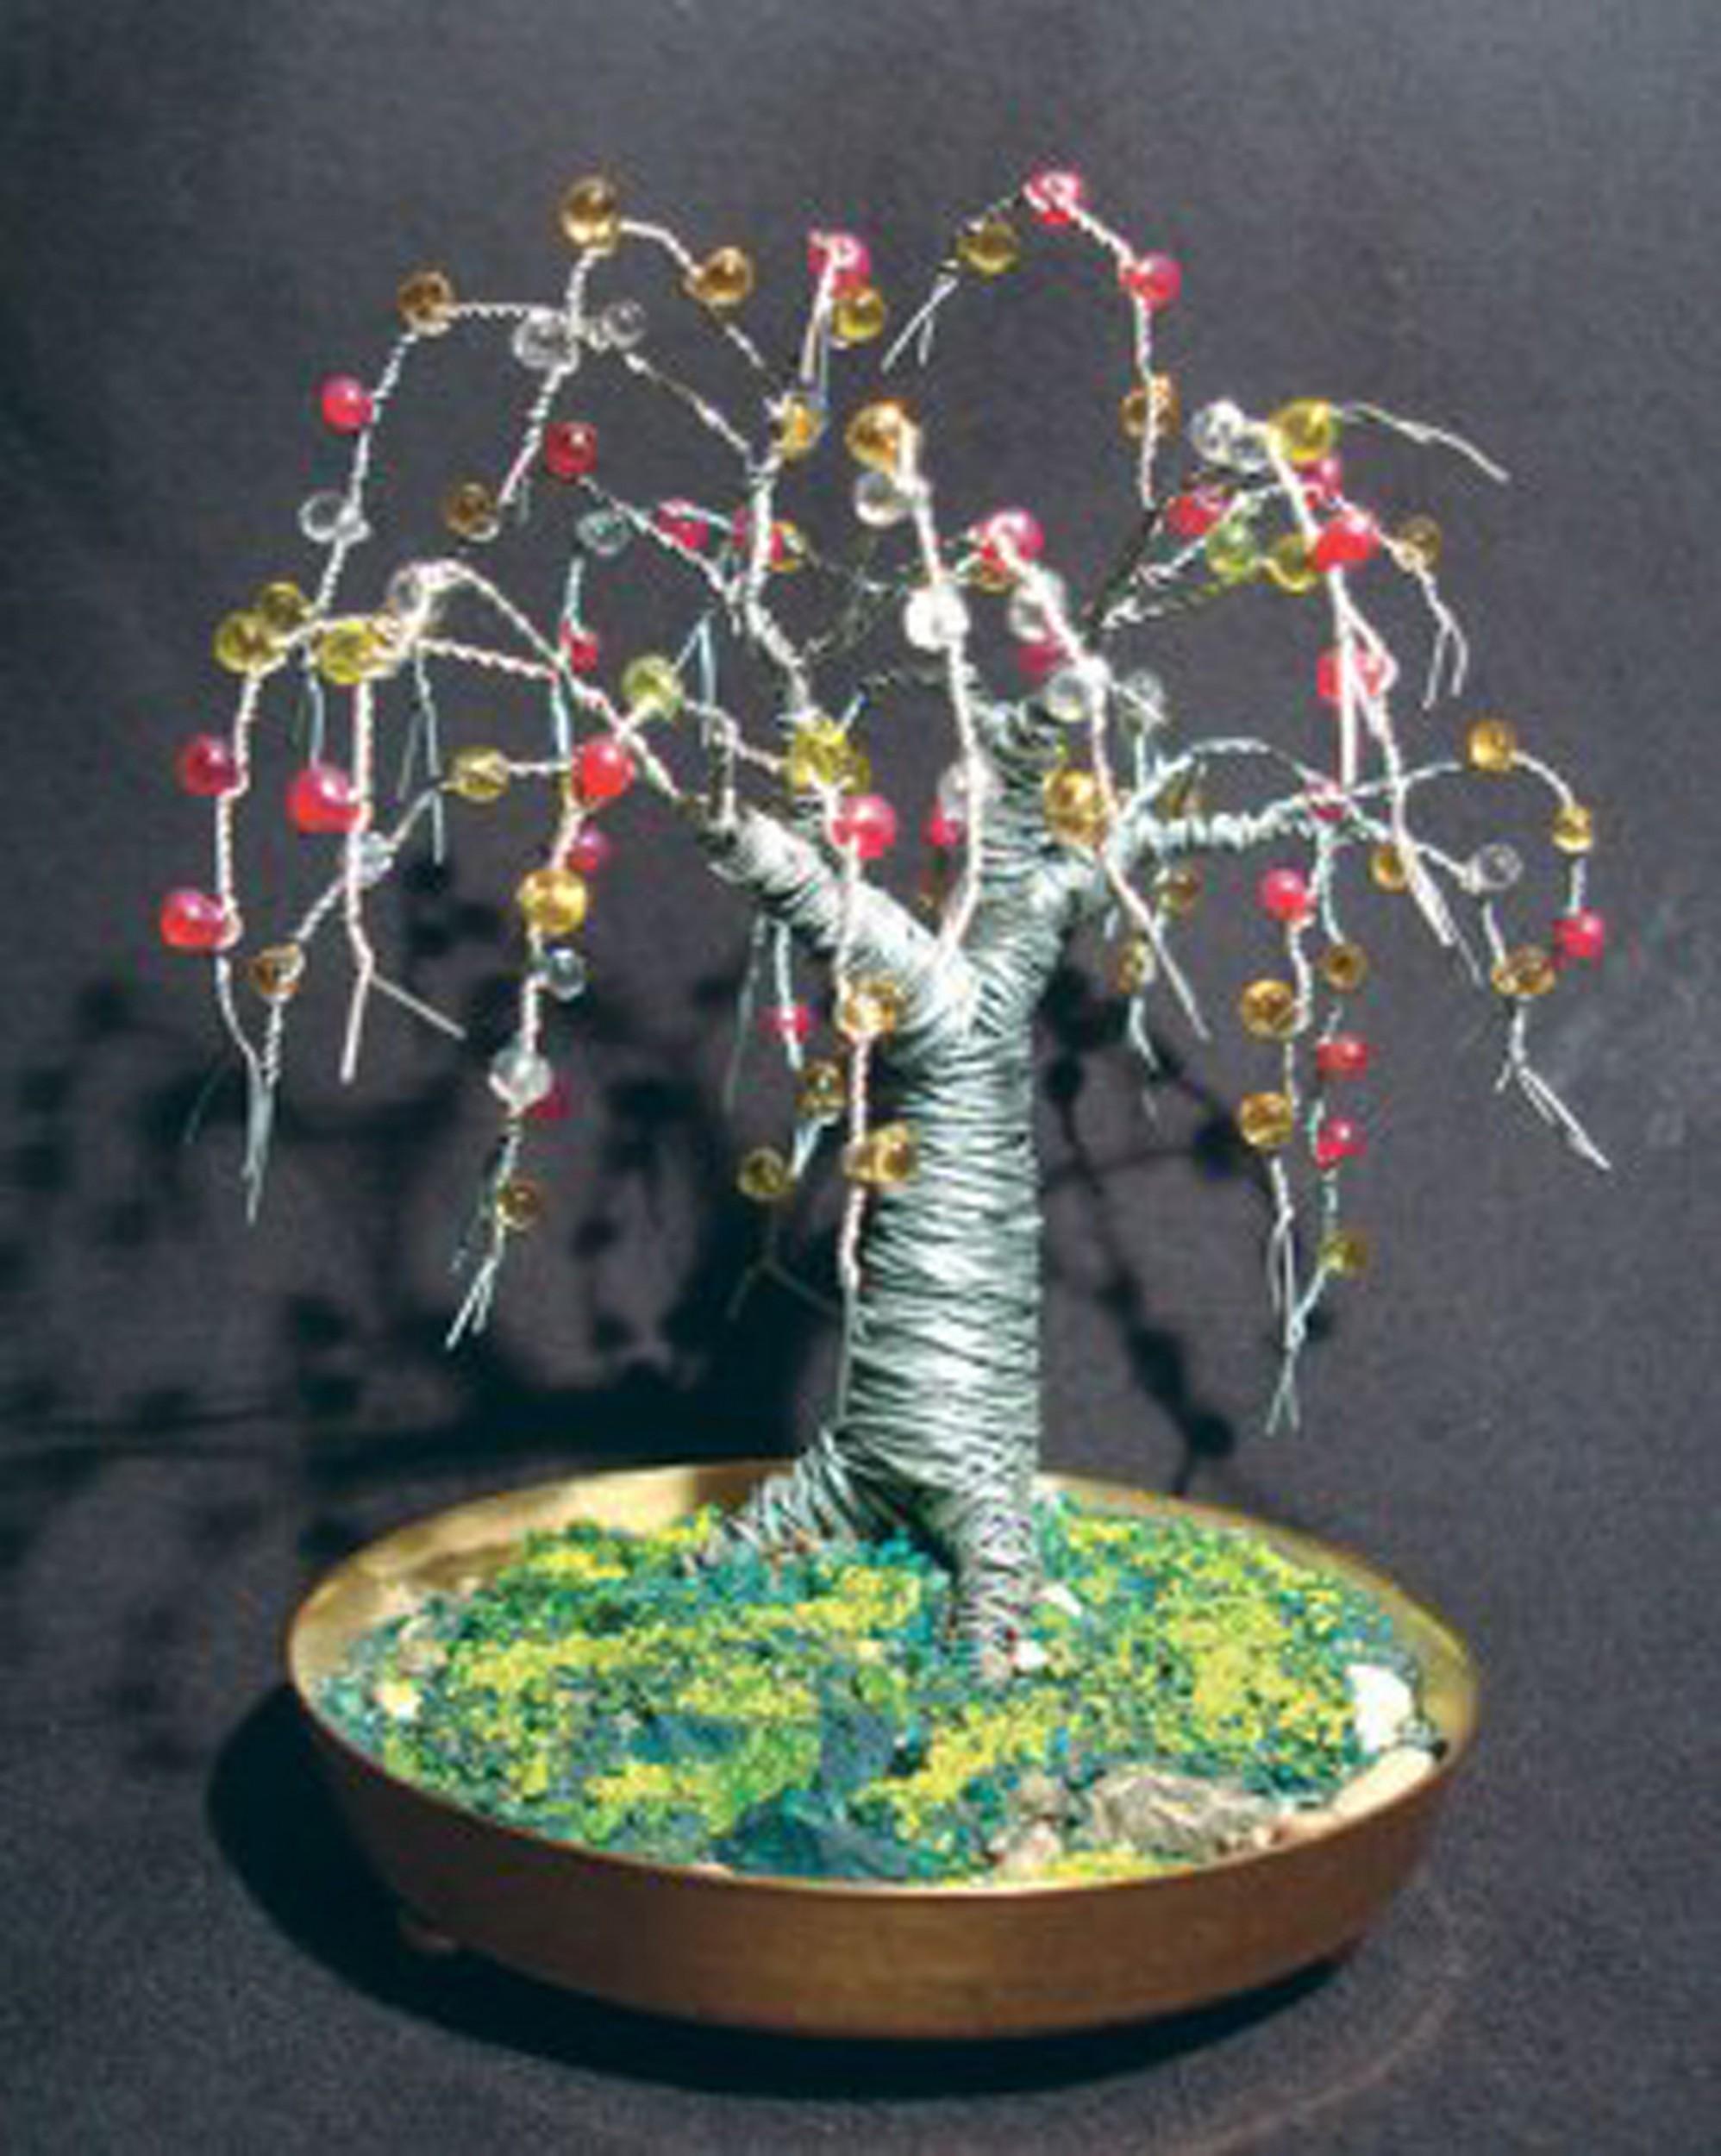 26 Gauge Wire >> BEADED OAK - Wire Tree Sculpture, by Sal Villano - Sal ...